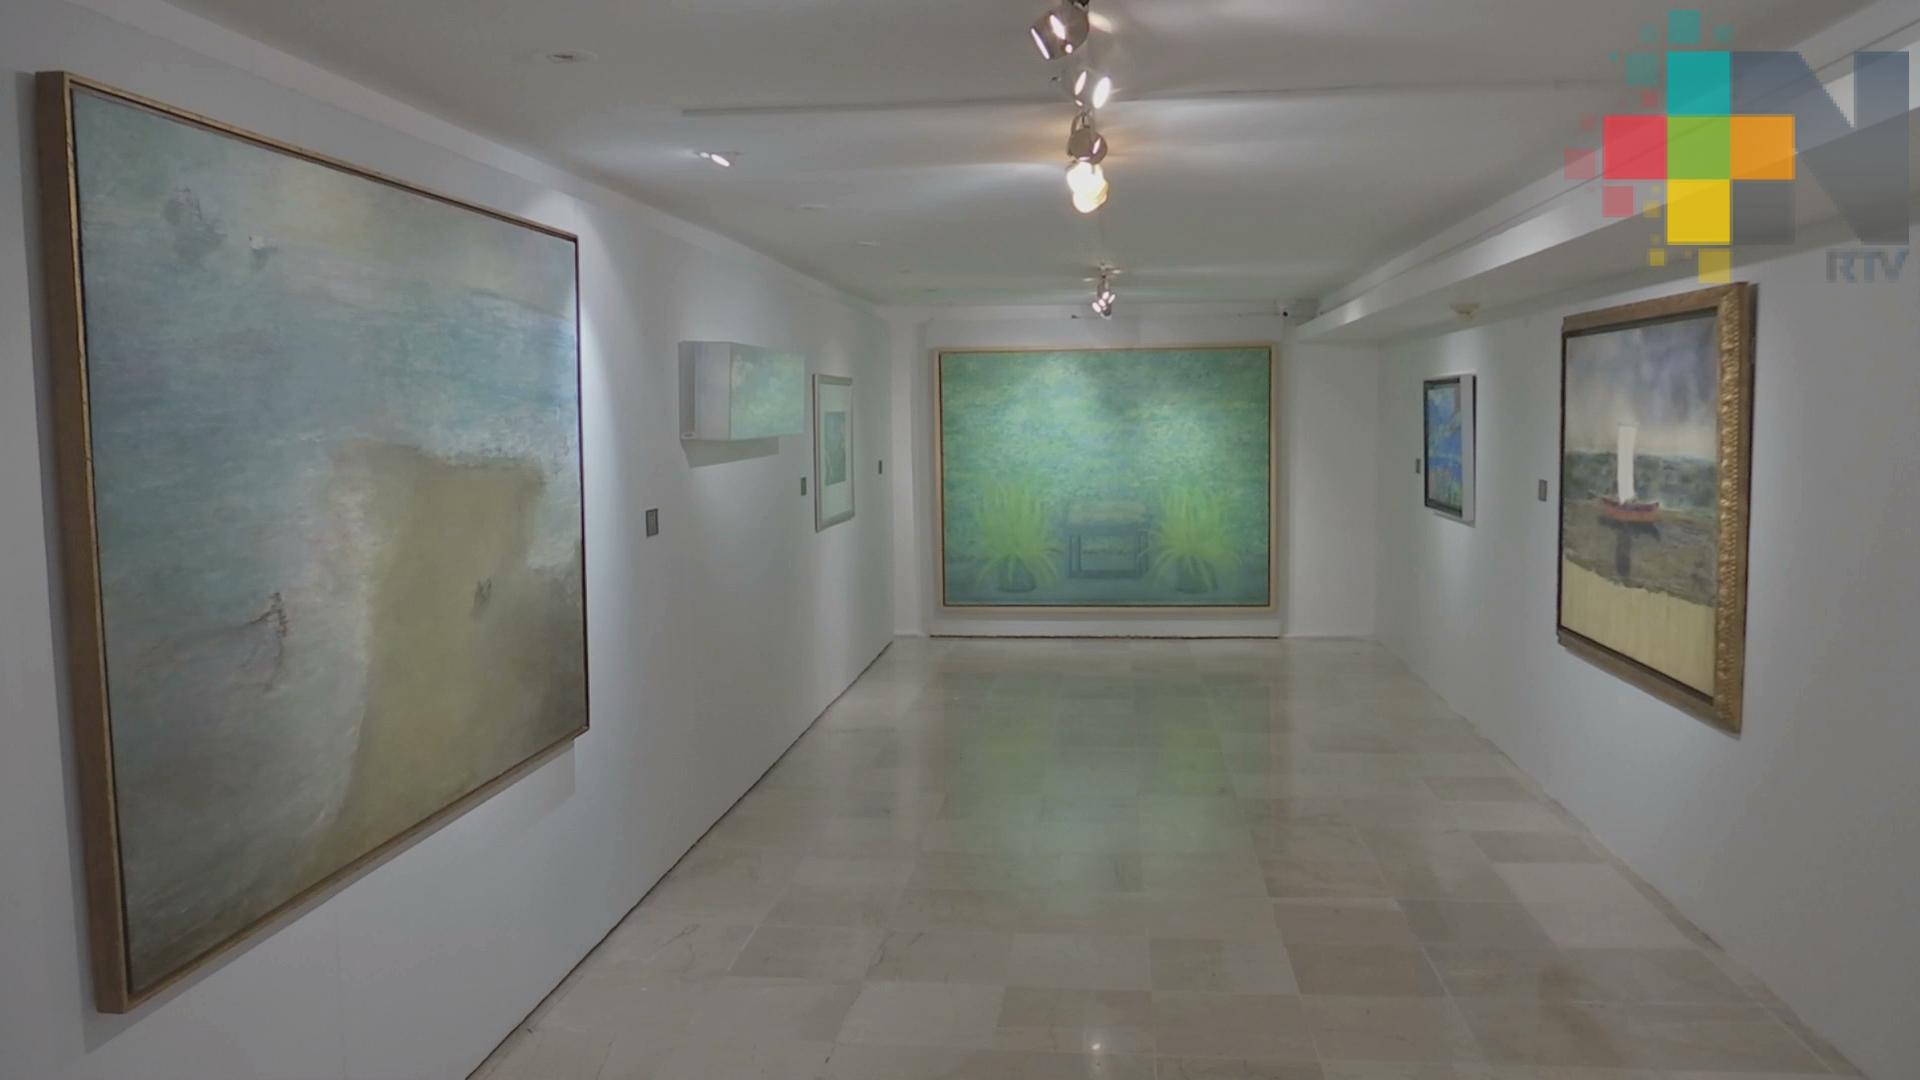 Cuatro décadas de arte en México llega a la Pinacoteca Diego Rivera